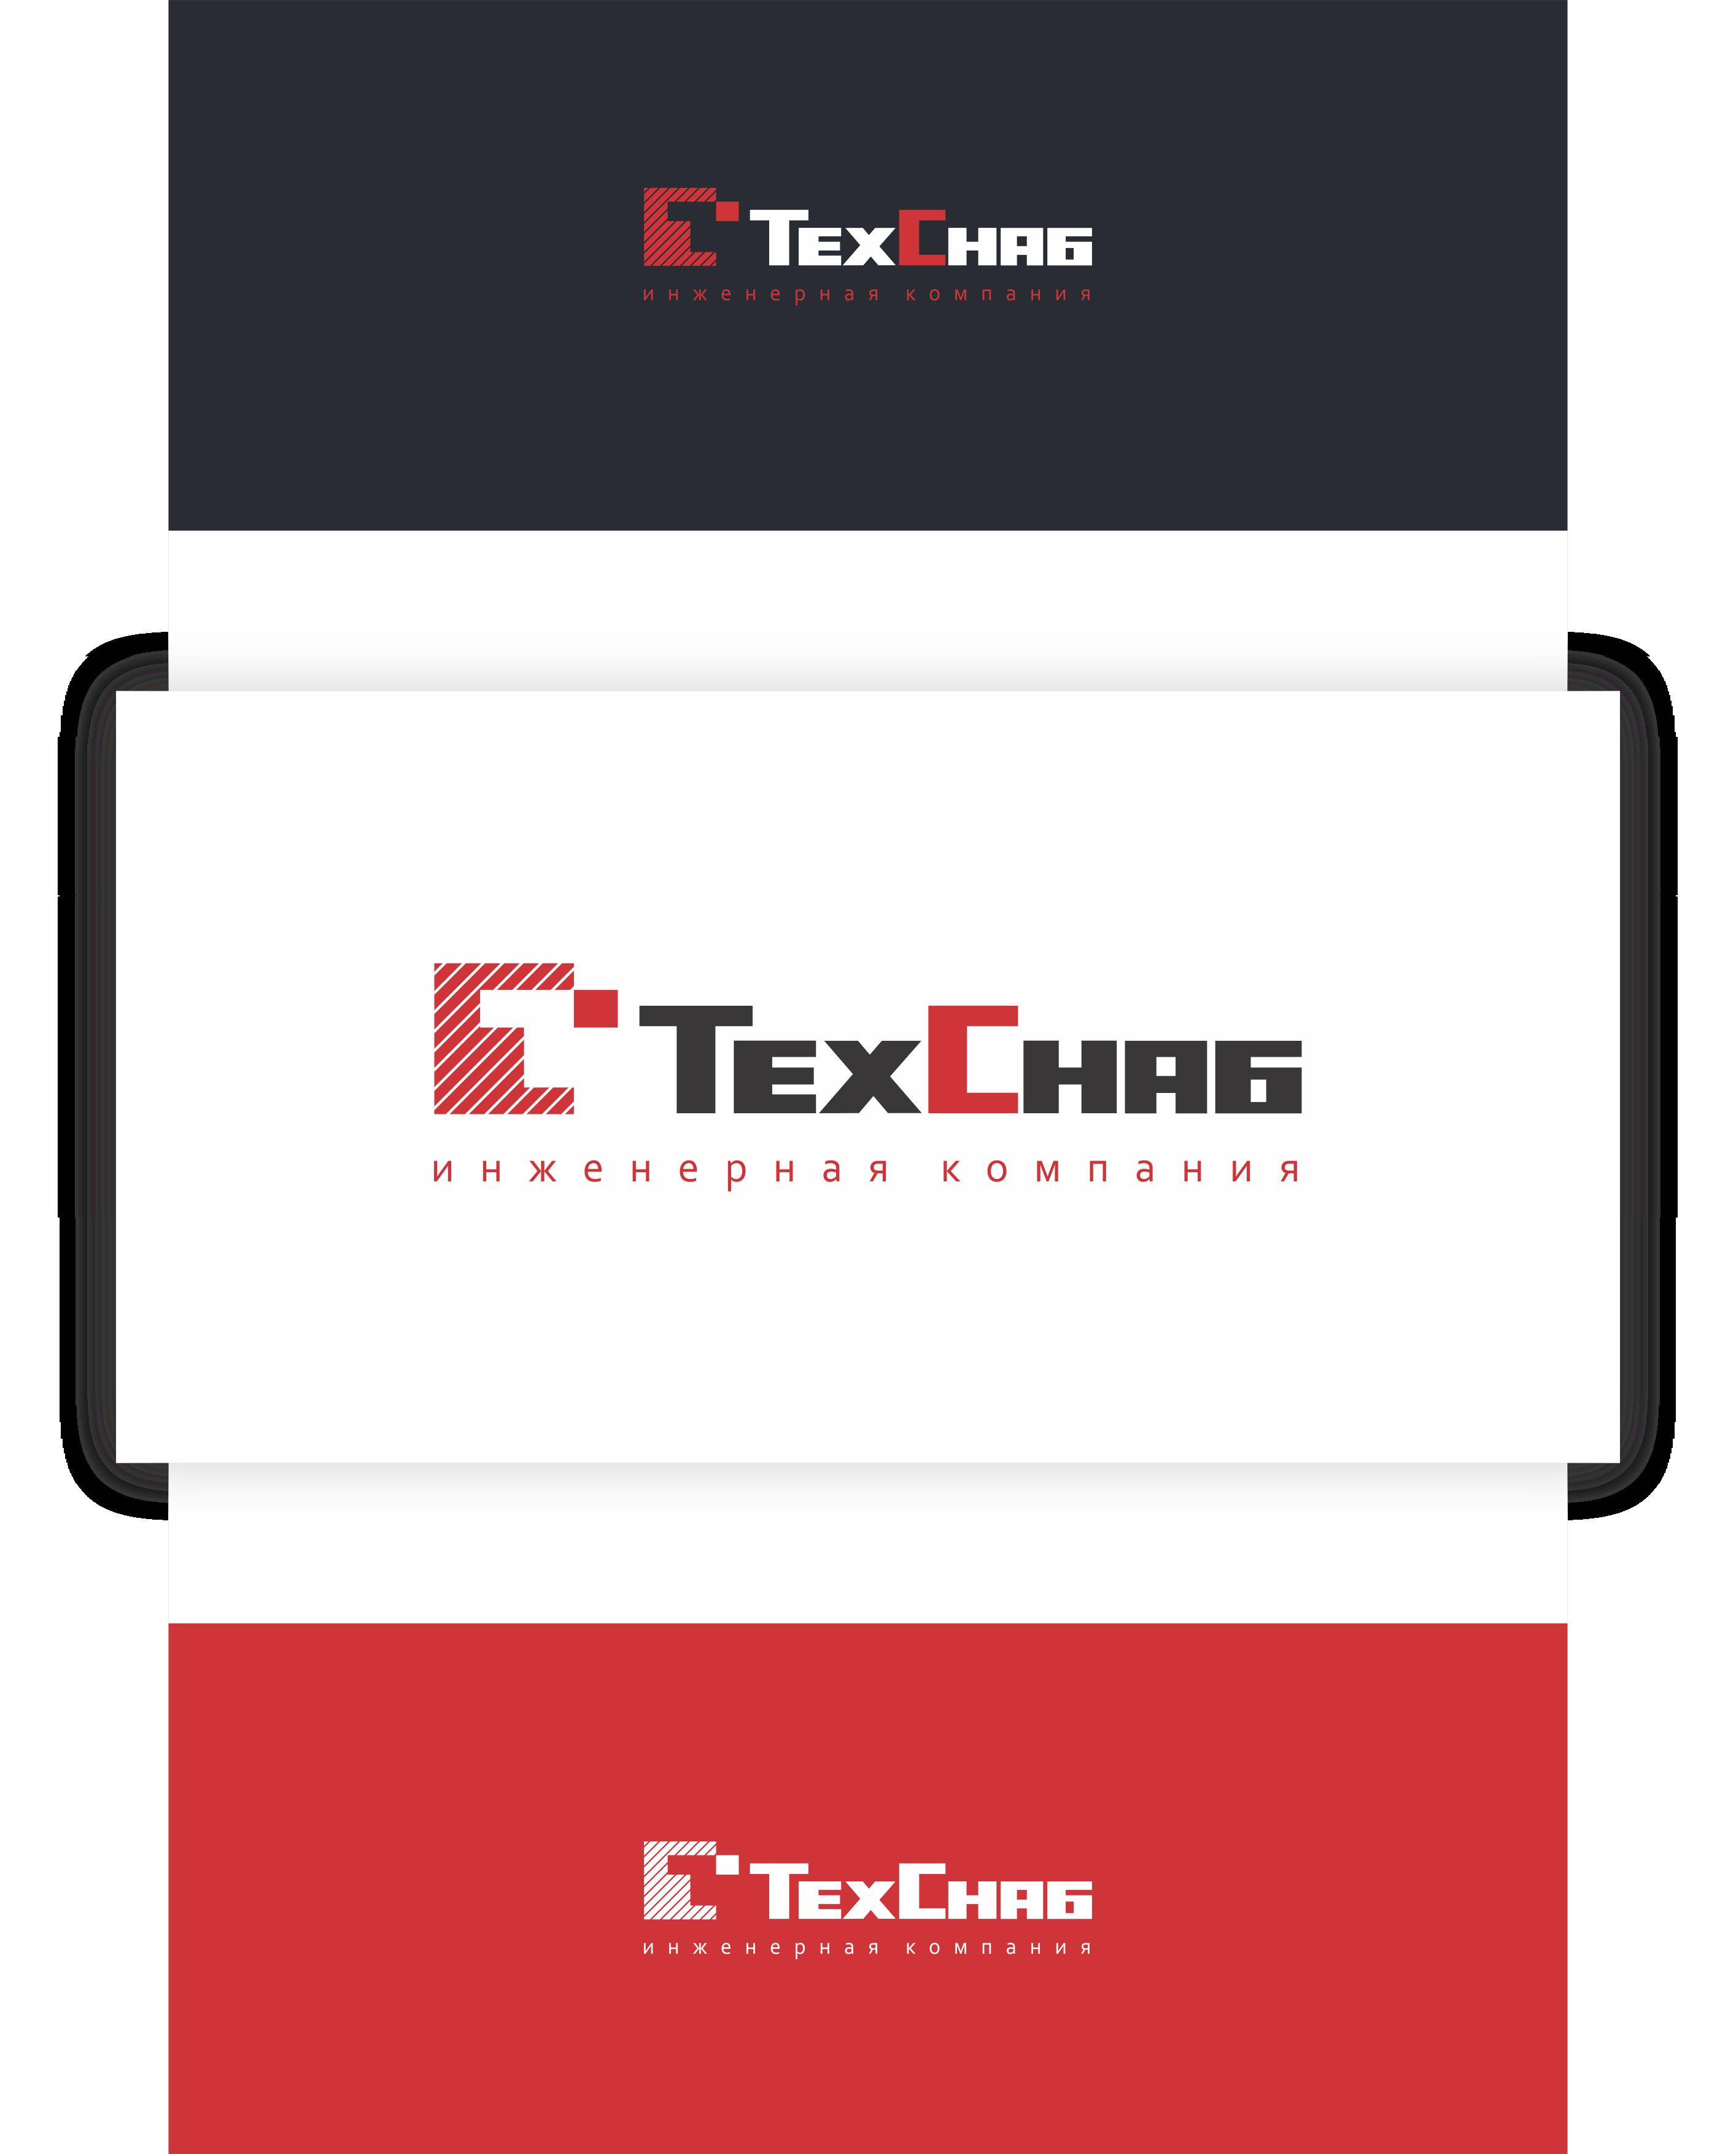 Разработка логотипа и фирм. стиля компании  ТЕХСНАБ фото f_5235b1d09ab74b09.png